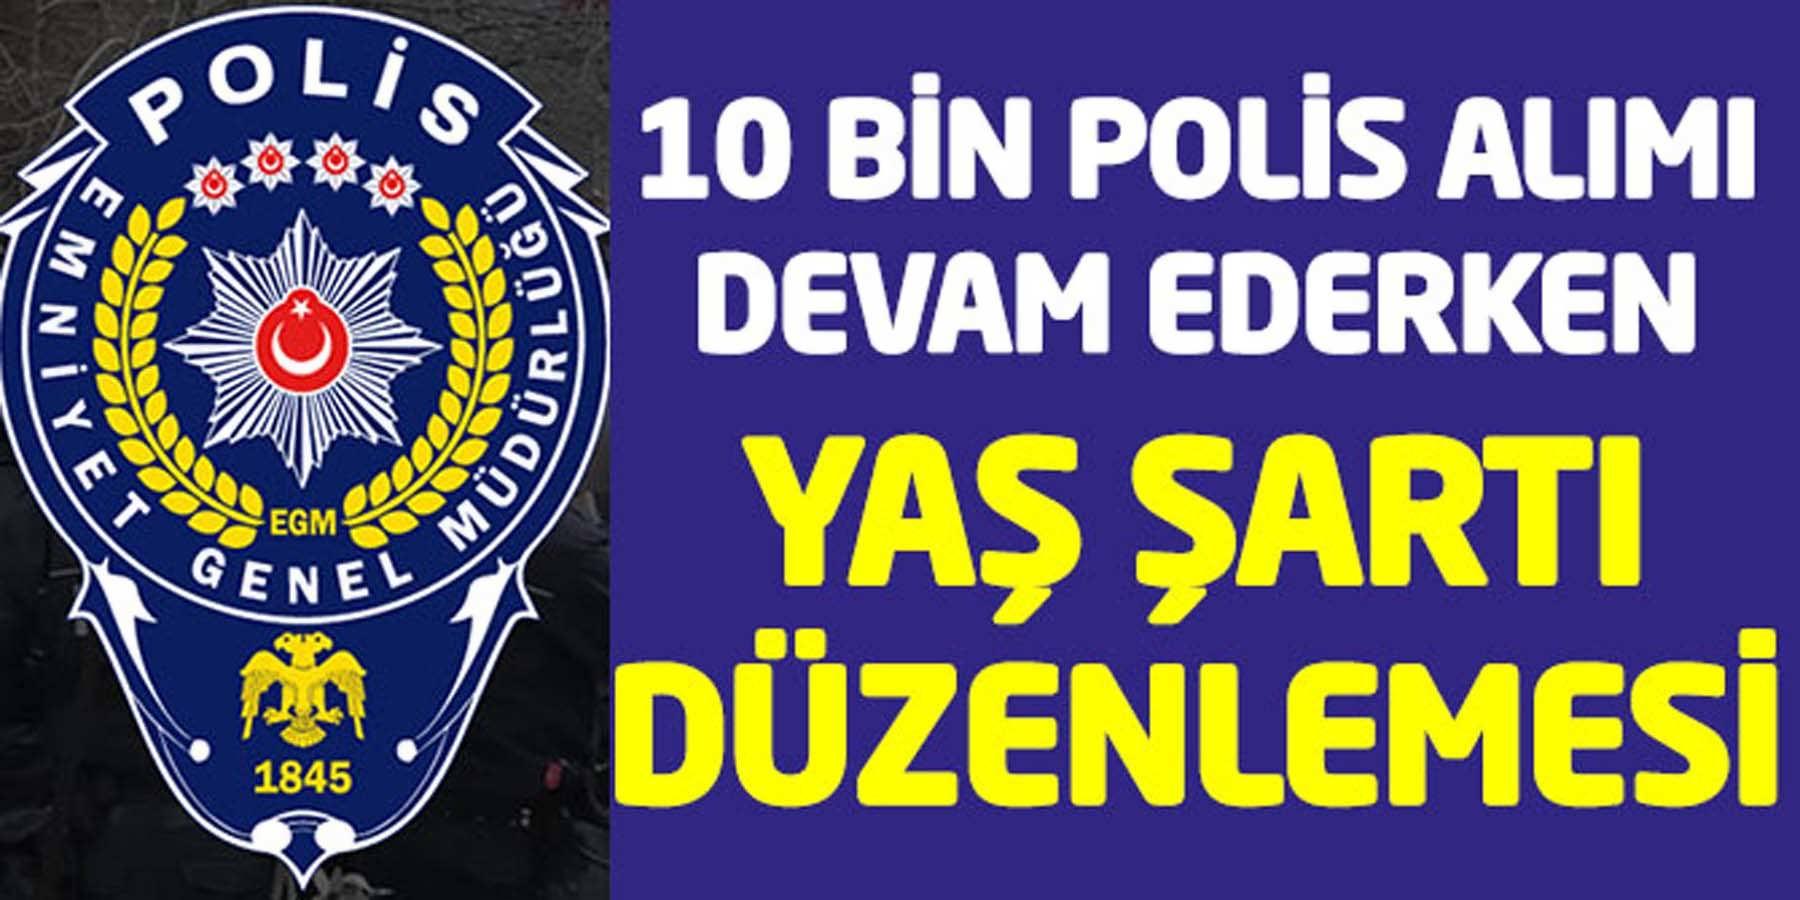 10 Bin Polis Alımı Devam Ederken Yaş Şartı Düzenlemesi